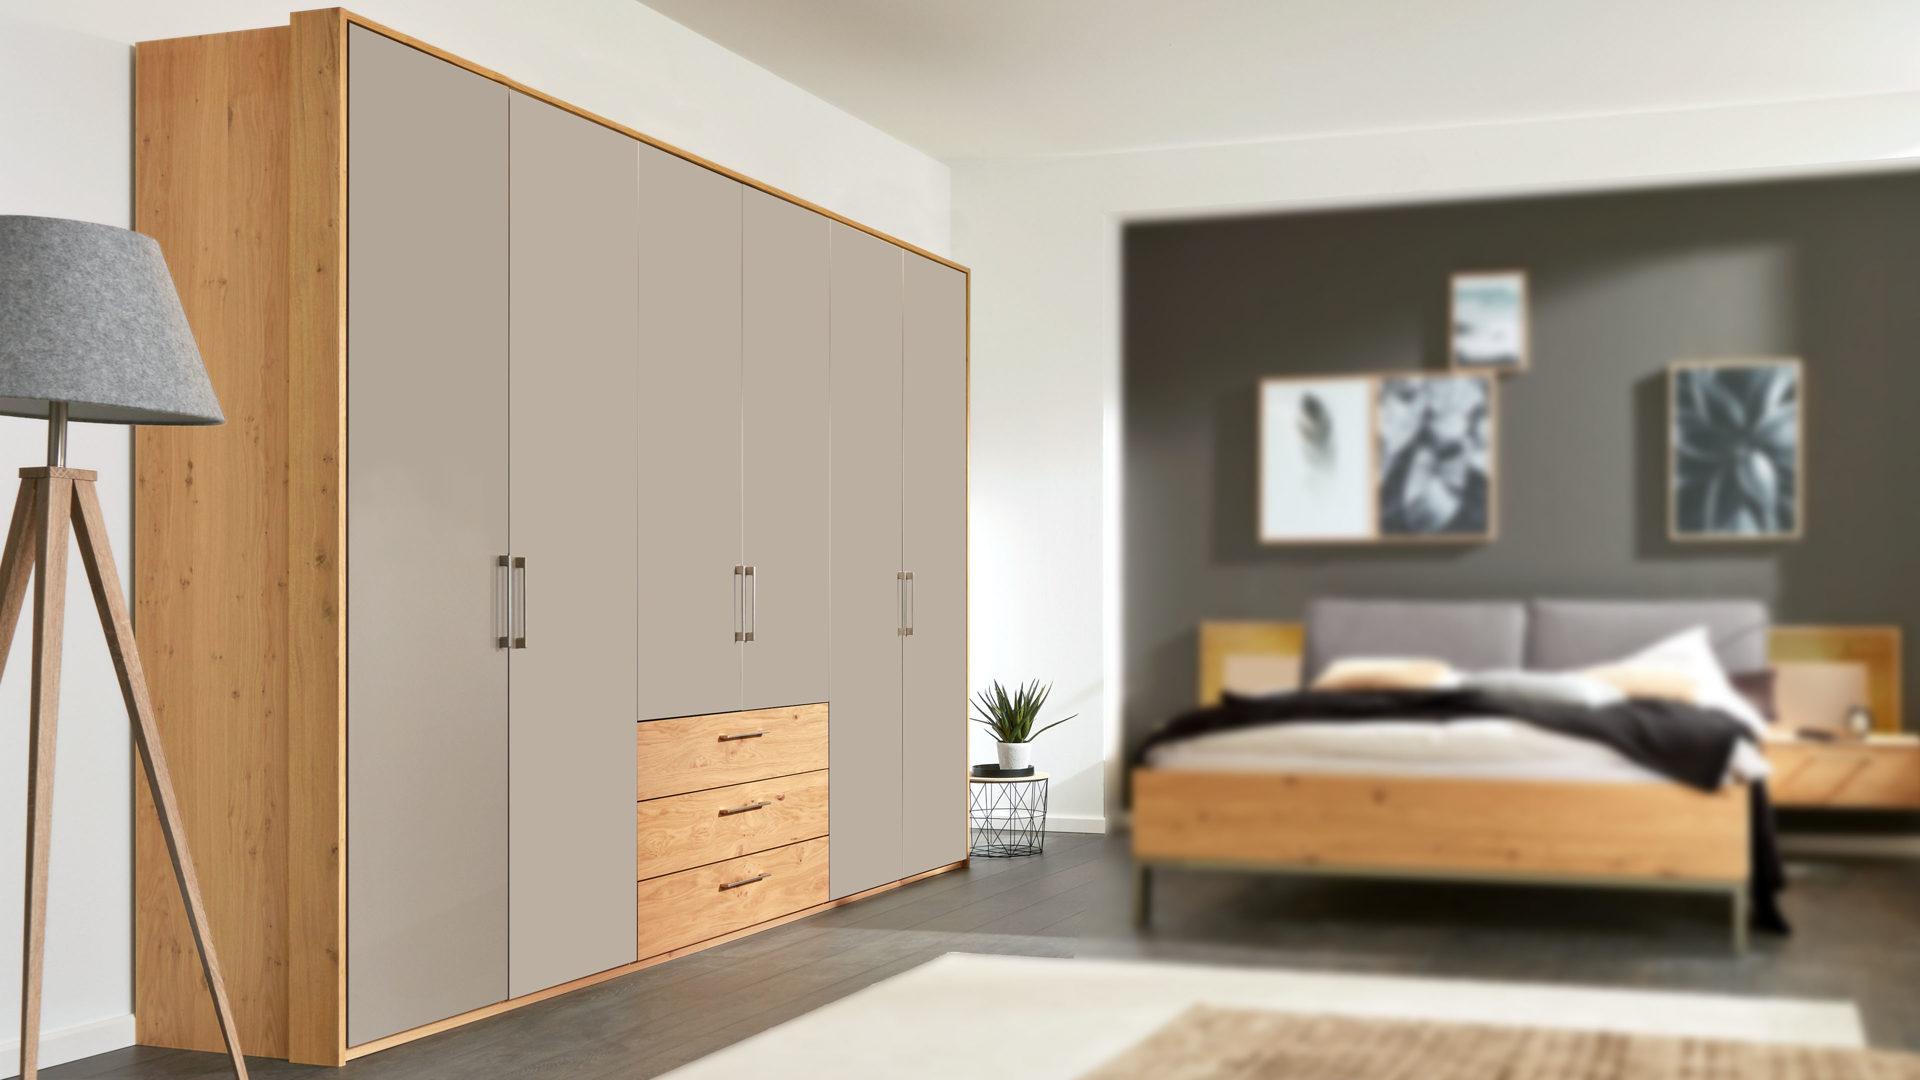 Interliving Schlafzimmer Serie 1008 Kleiderschrank Matte Taupefarbene